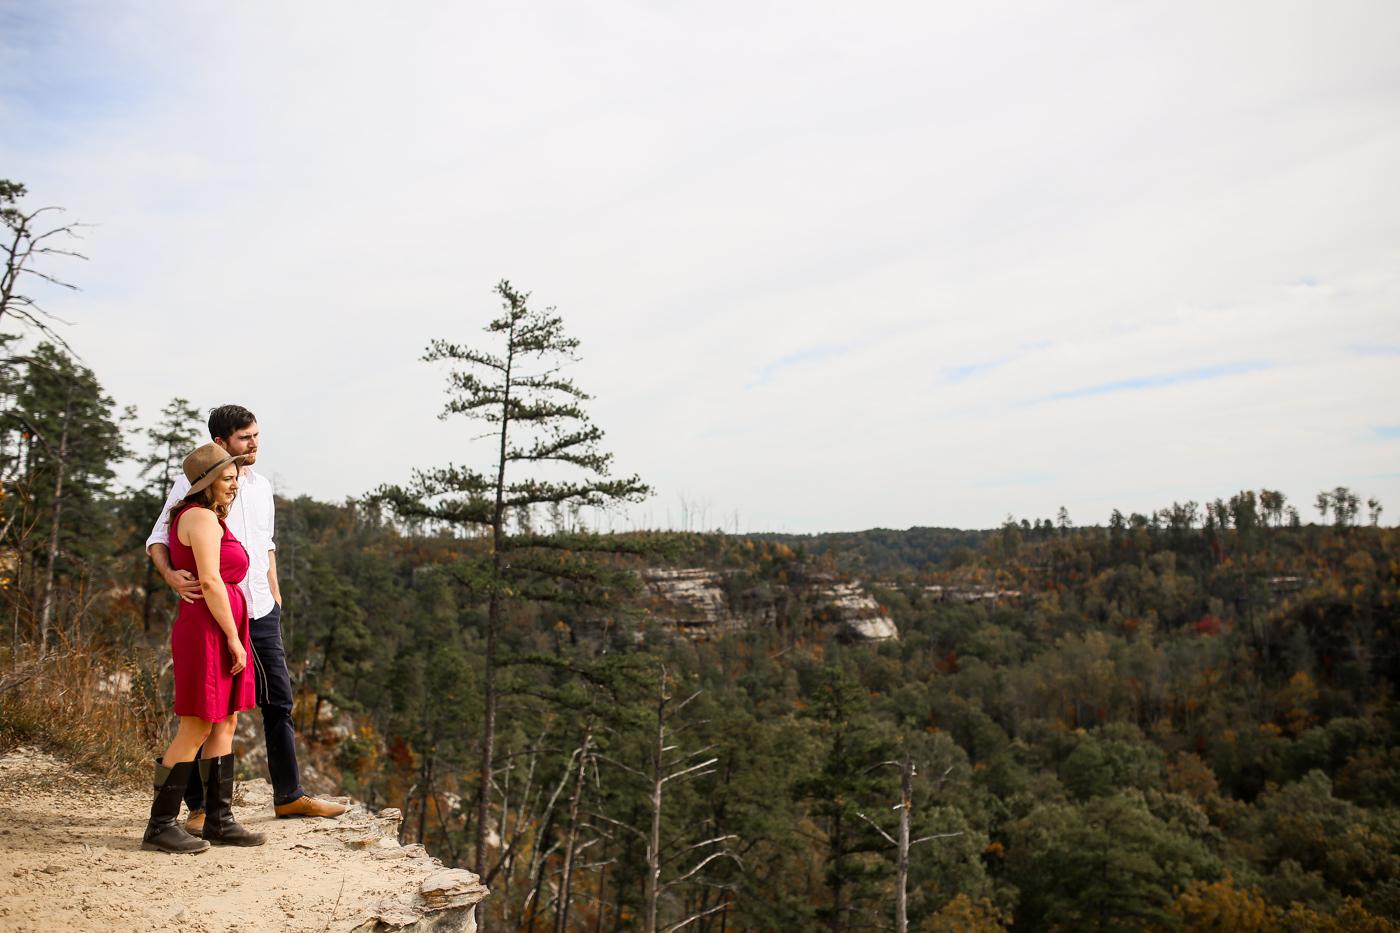 Red-River-Gorge-Elopement-Wedding-Cliff-Kentucky-40.jpg